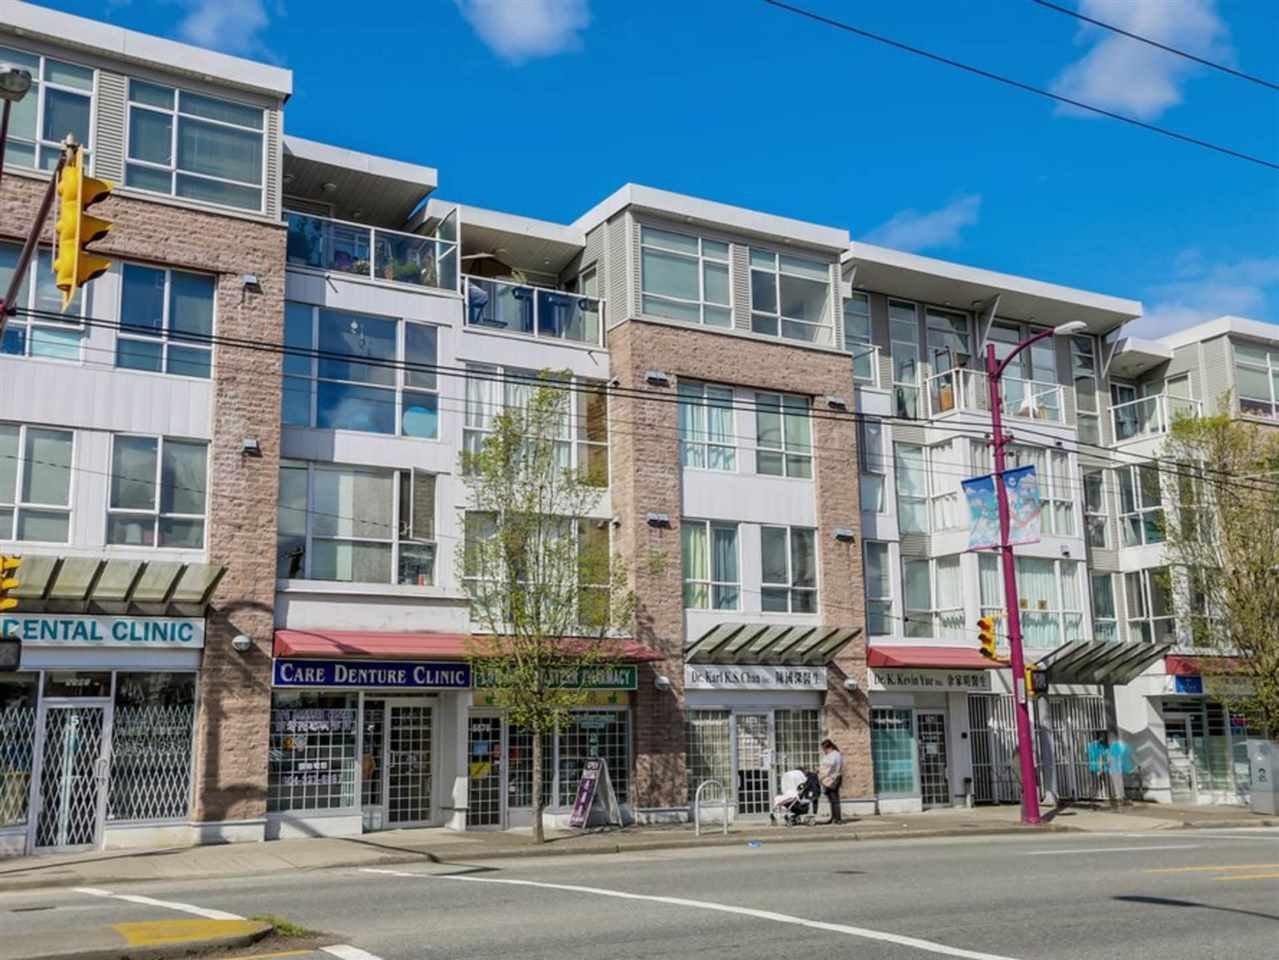 """Main Photo: 325 5555 VICTORIA Drive in Vancouver: Victoria VE Condo for sale in """"VICTORIA"""" (Vancouver East)  : MLS®# R2334274"""